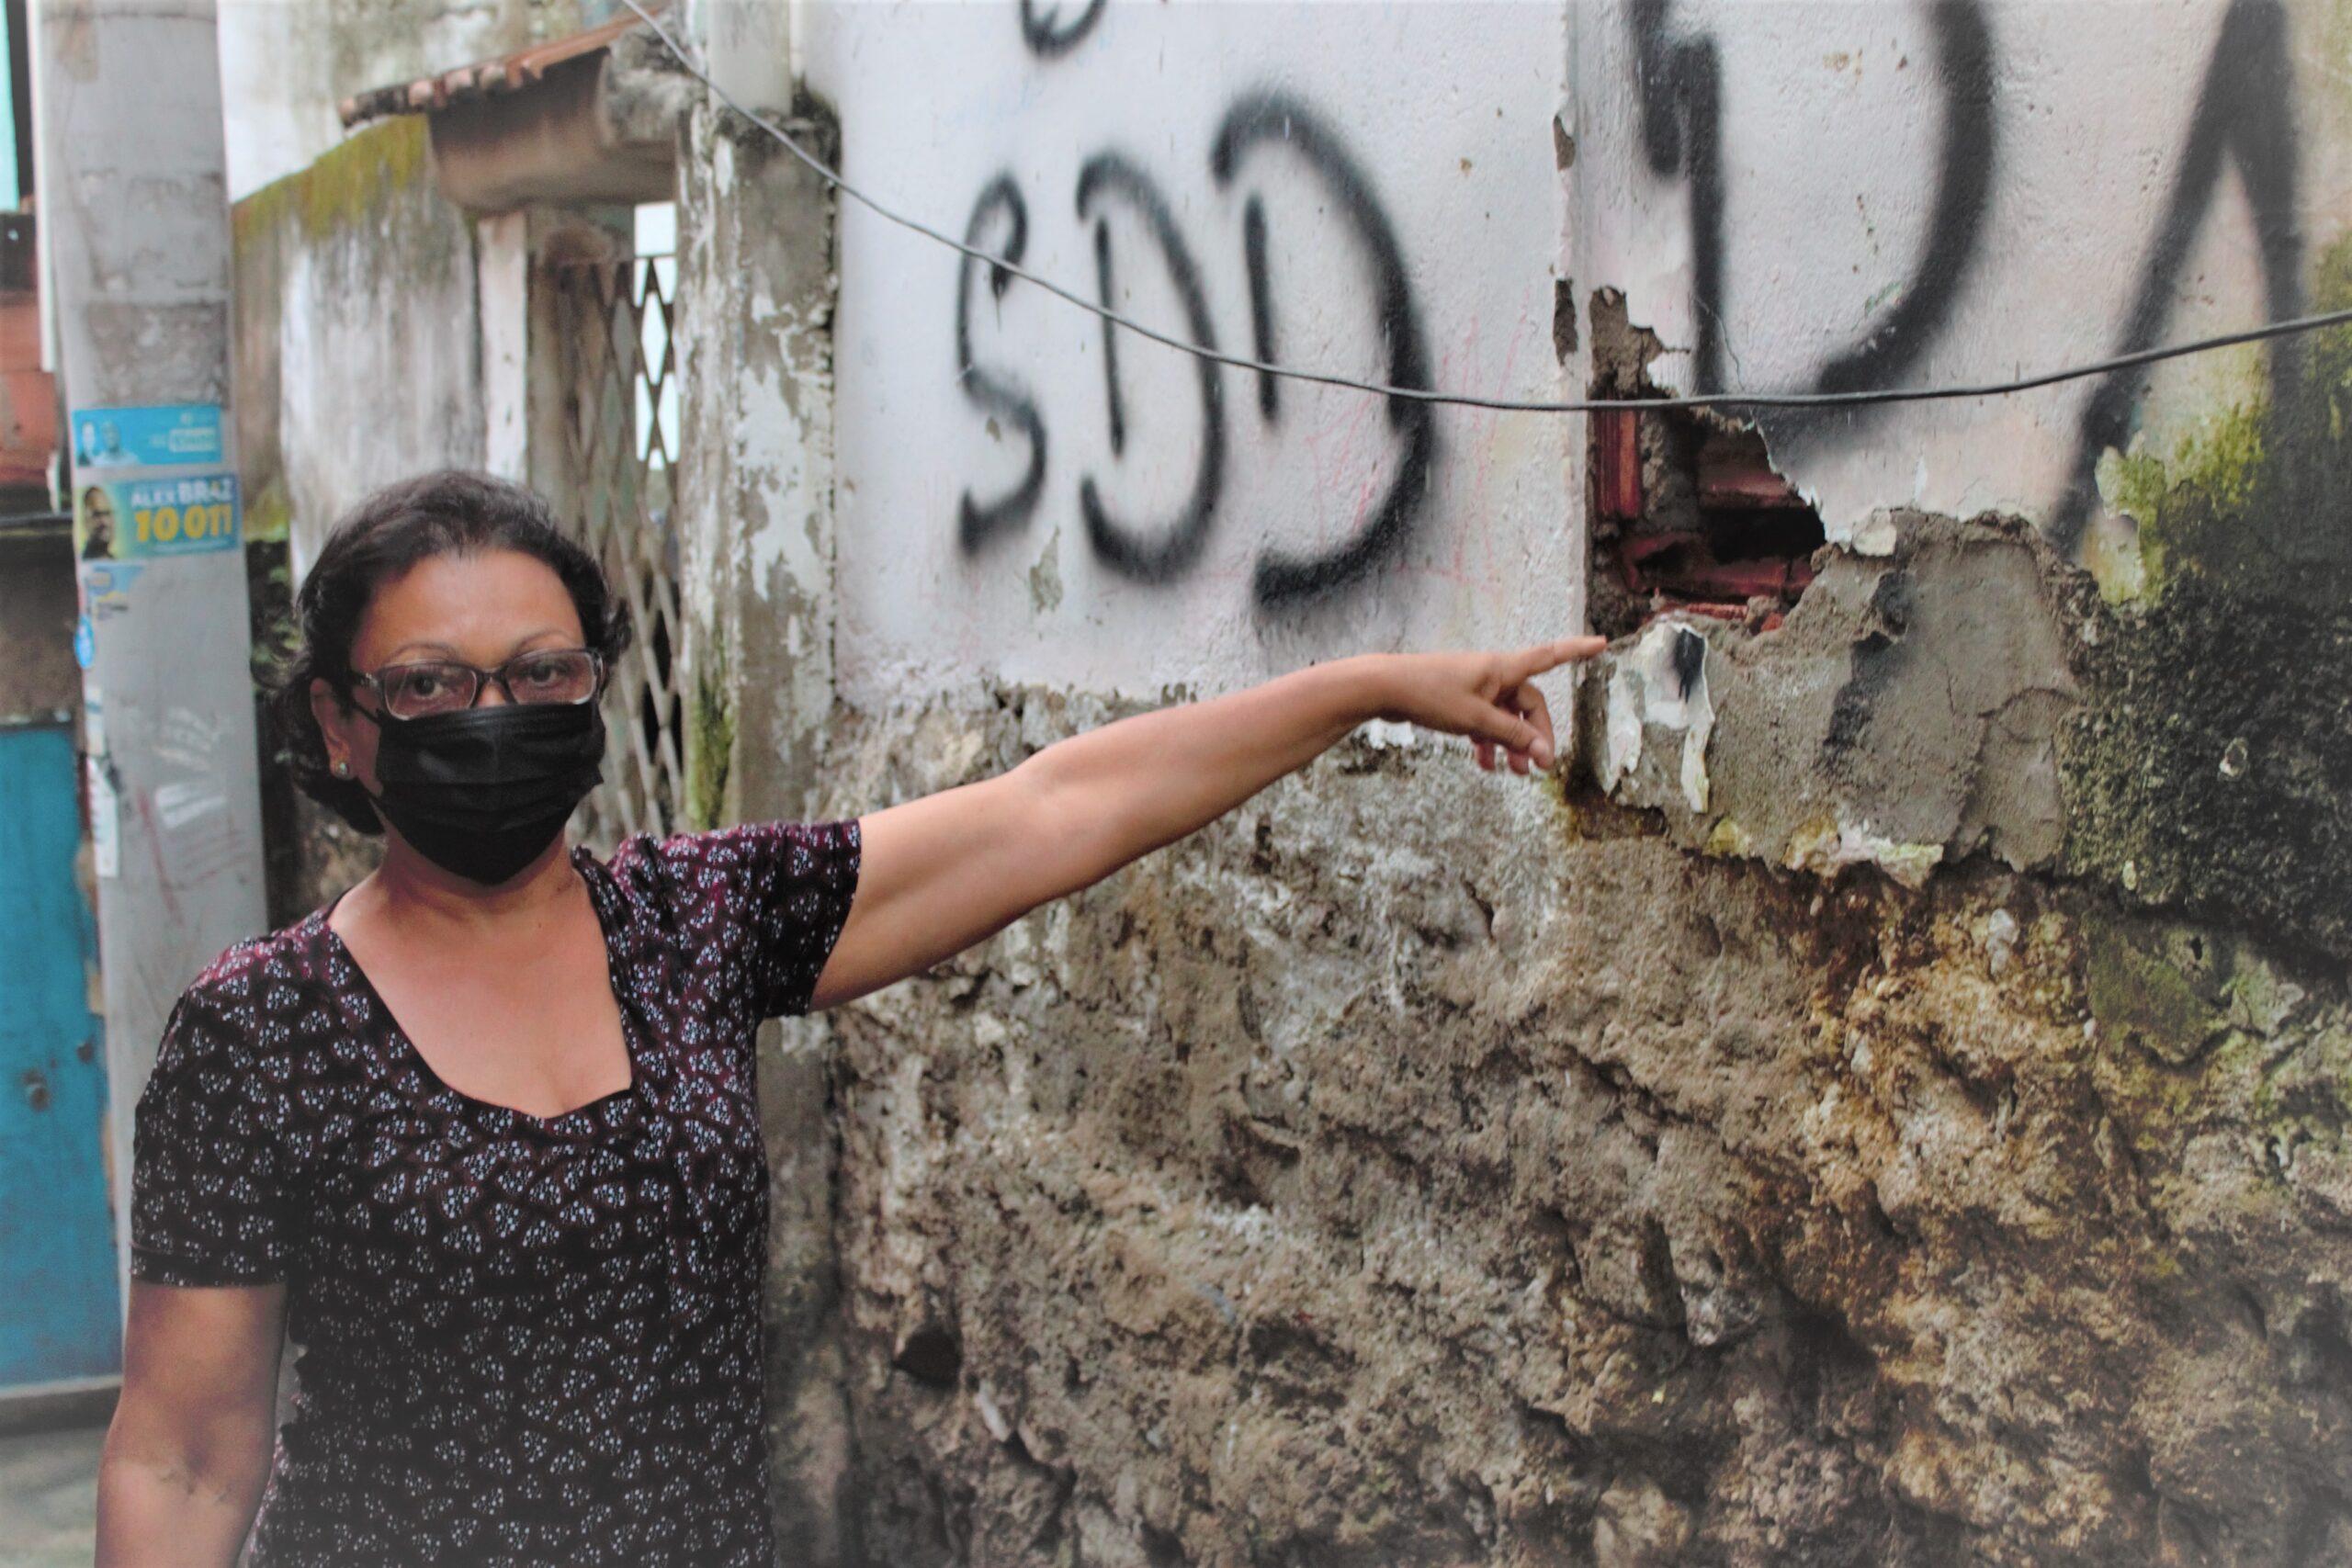 Esgoto invade casa de moradora no Alemão há um mês provocando mau cheiro e pragas urbanas